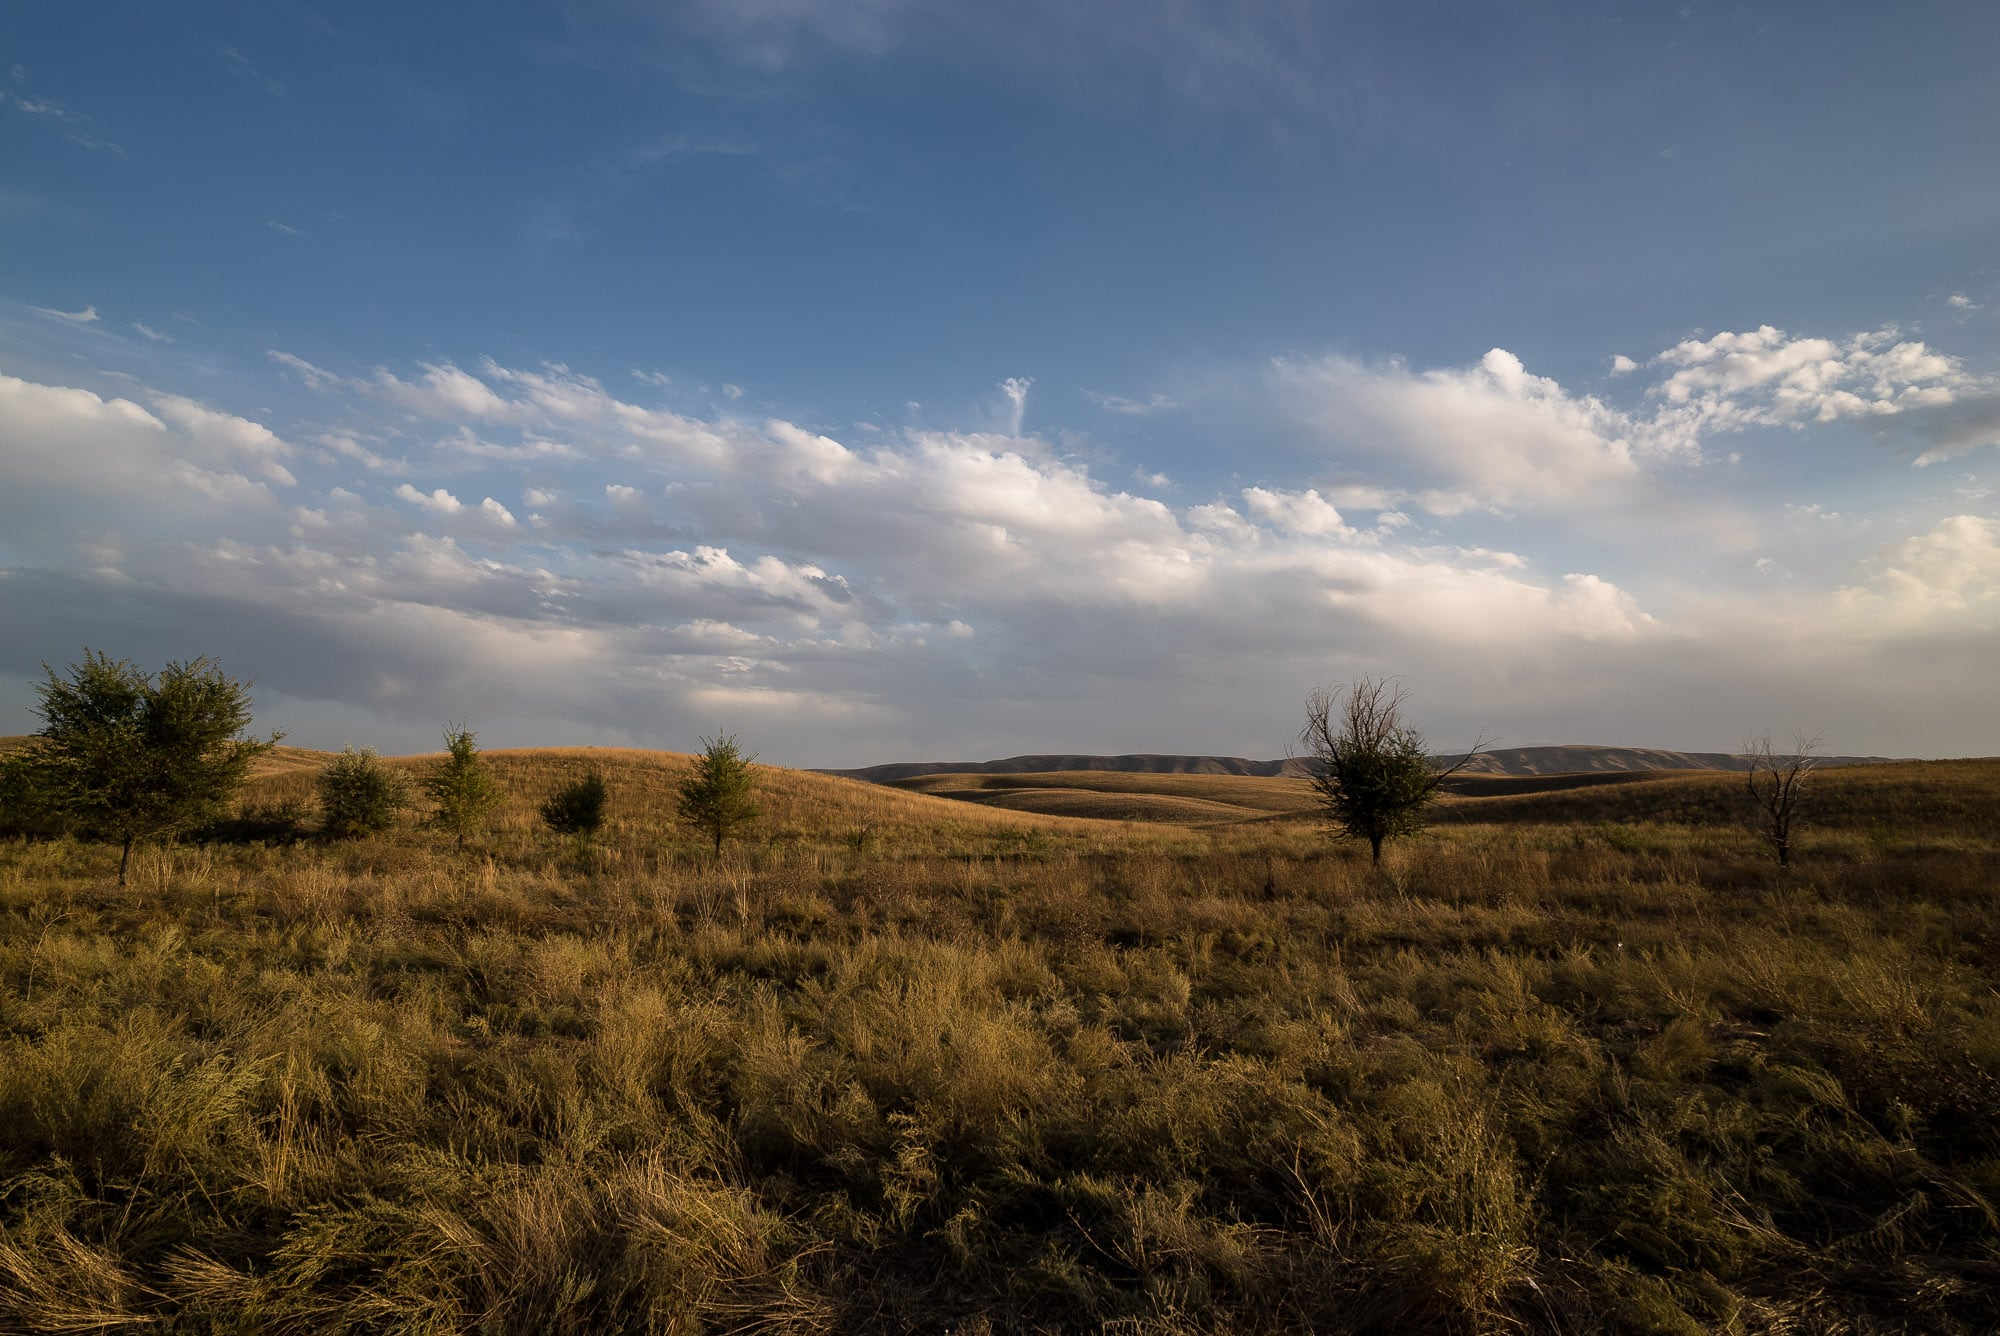 more steppe